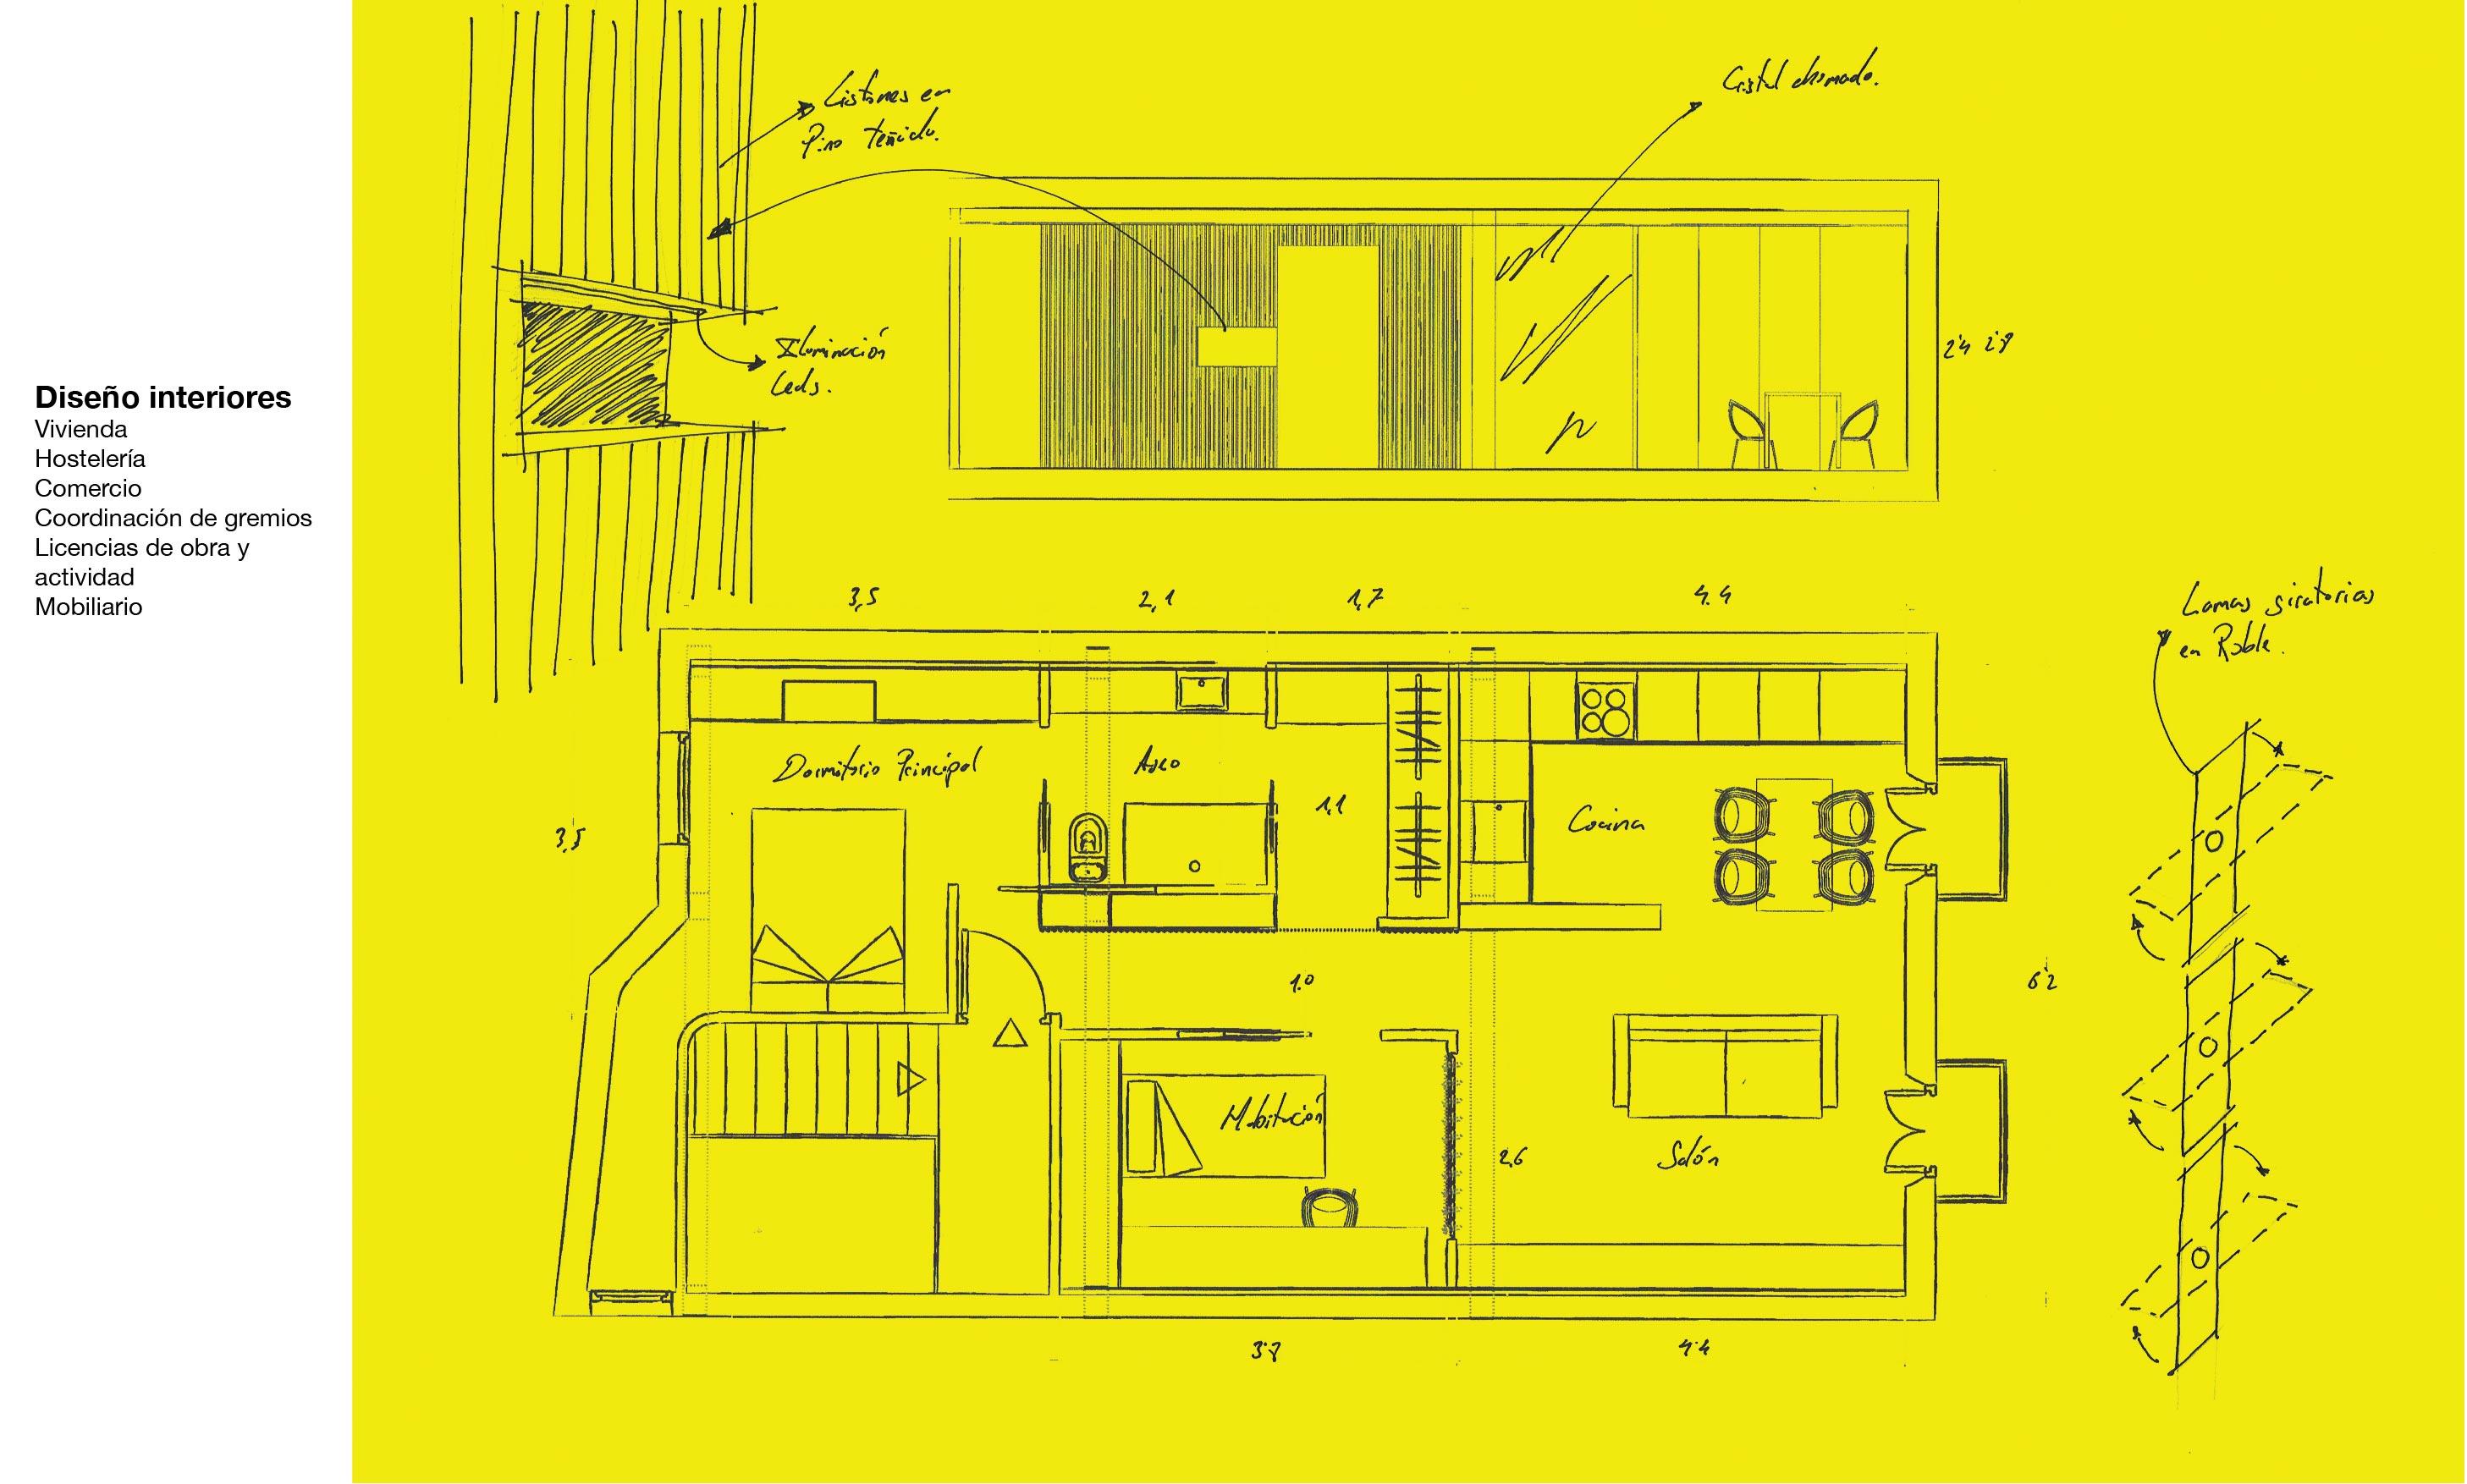 PAG_03_Diseño interiores-01